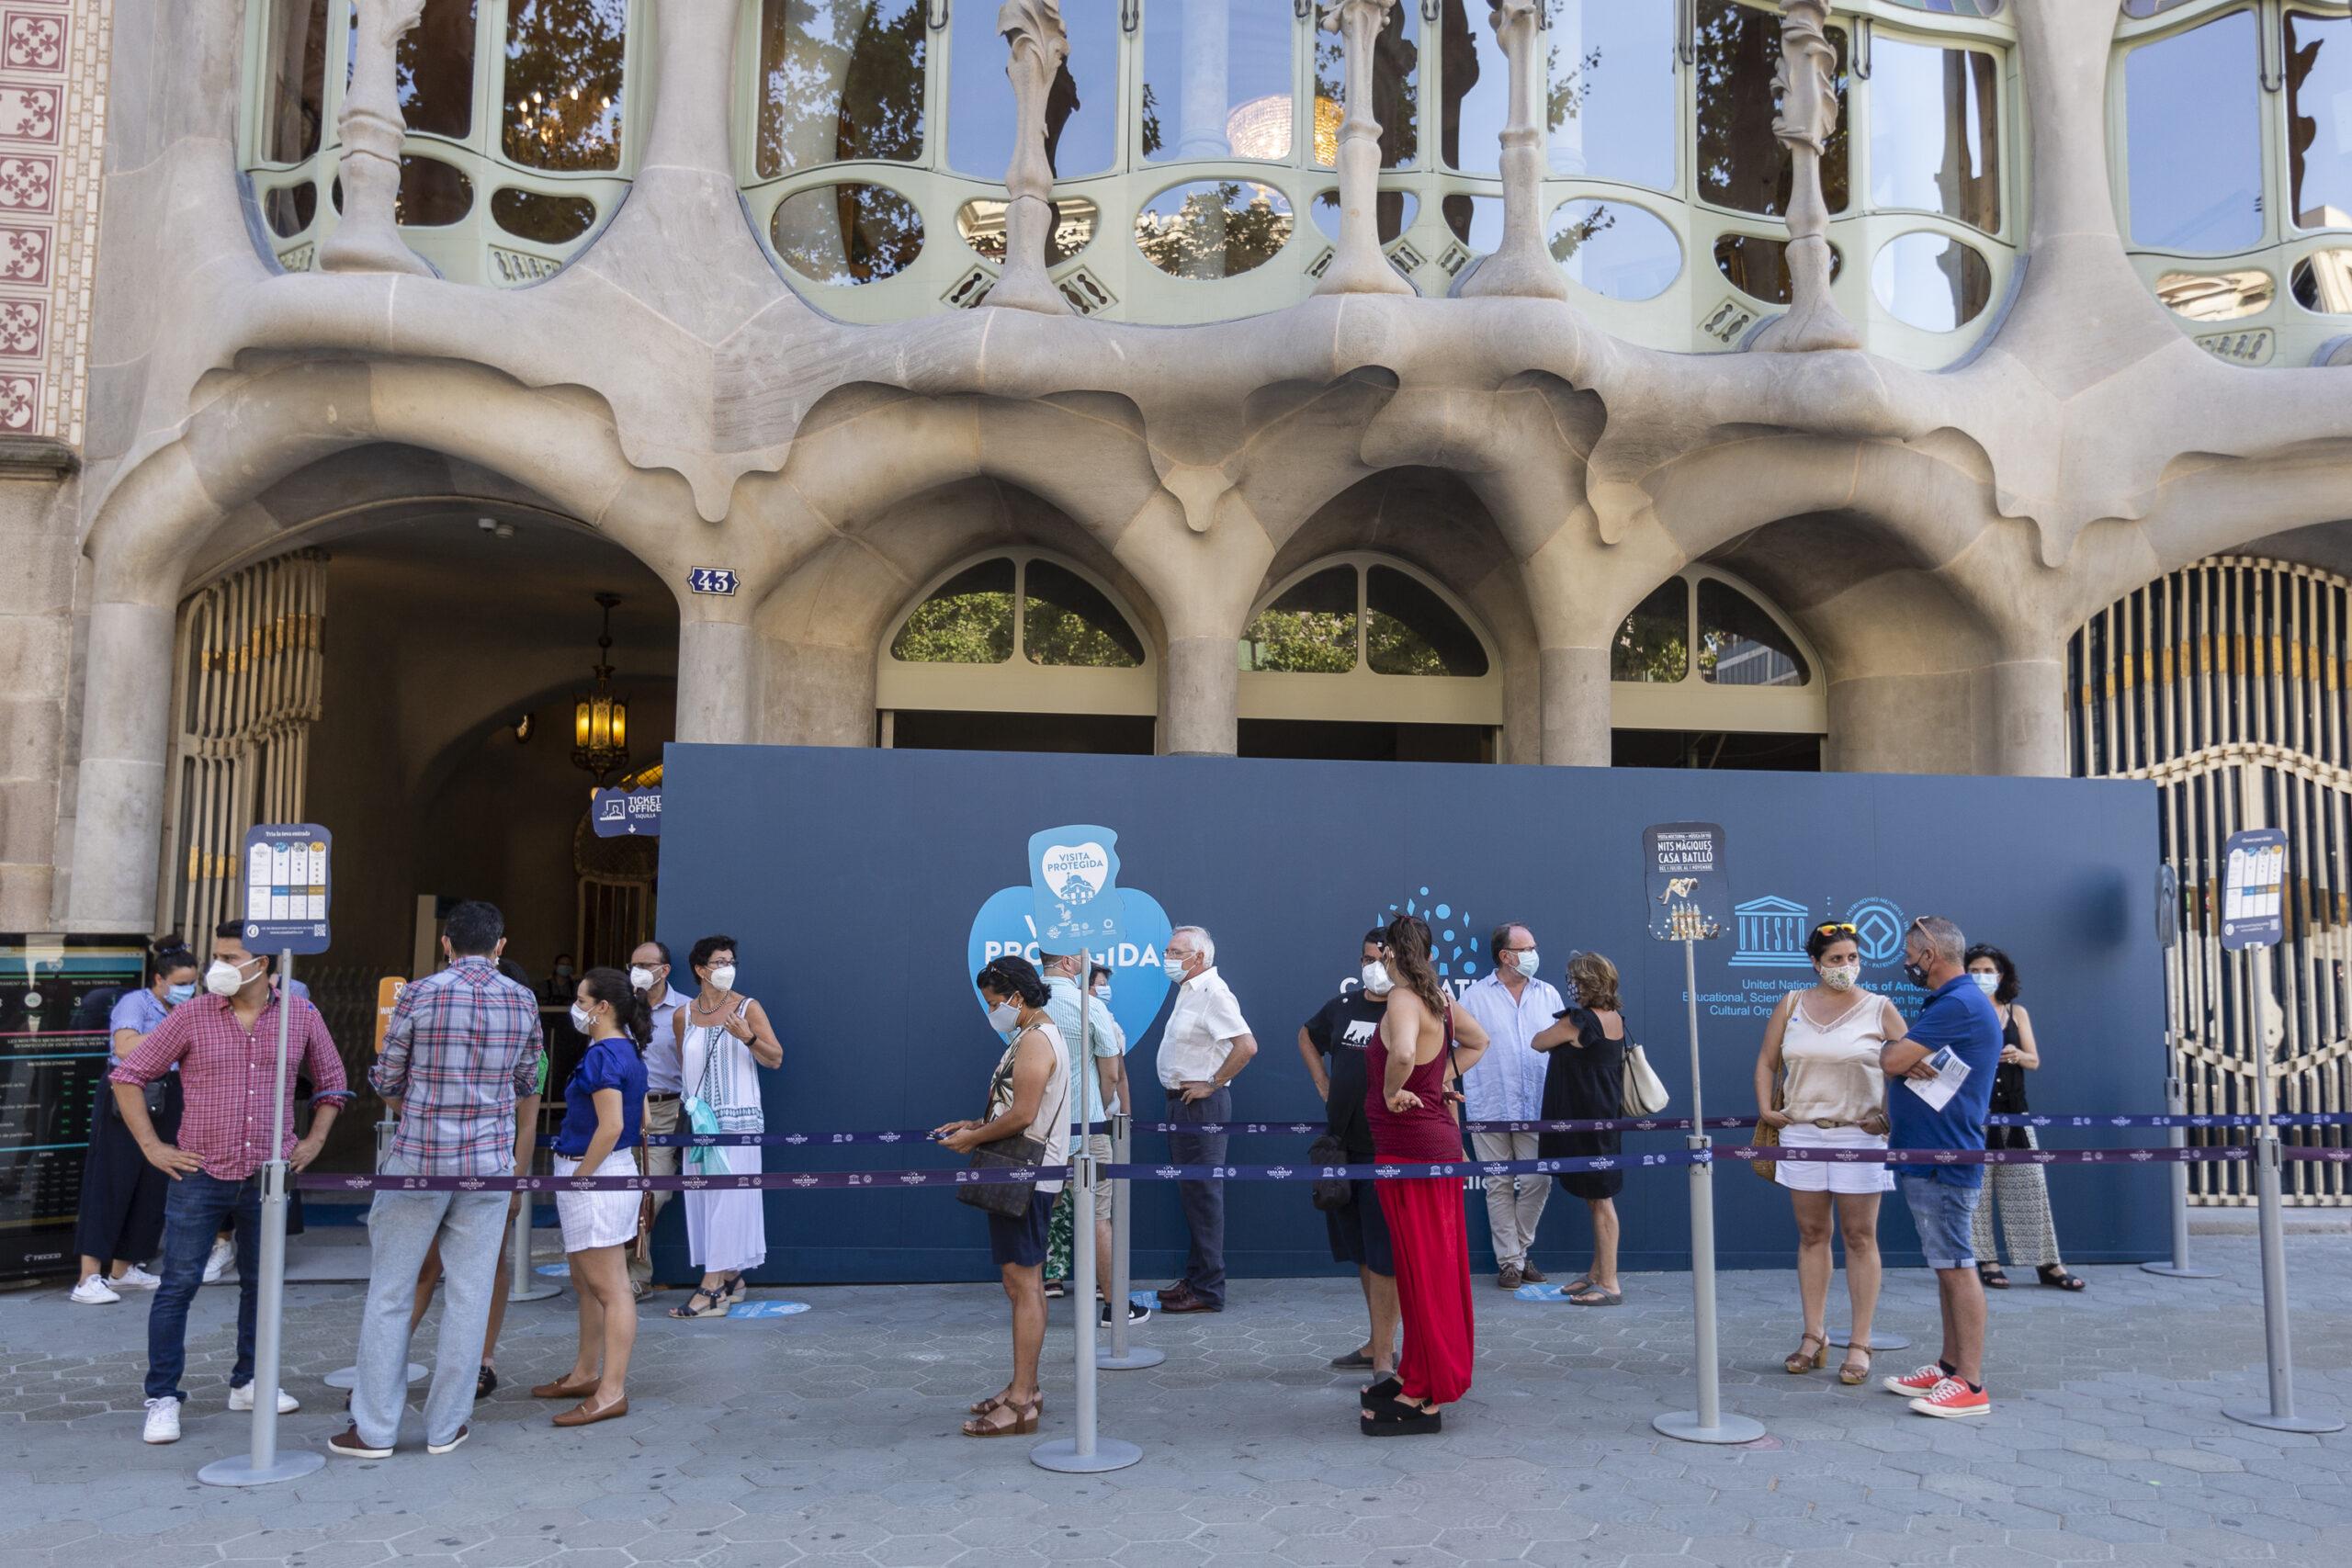 El públic local fa tornar les cues a la Casa Batlló / Mireia Comas